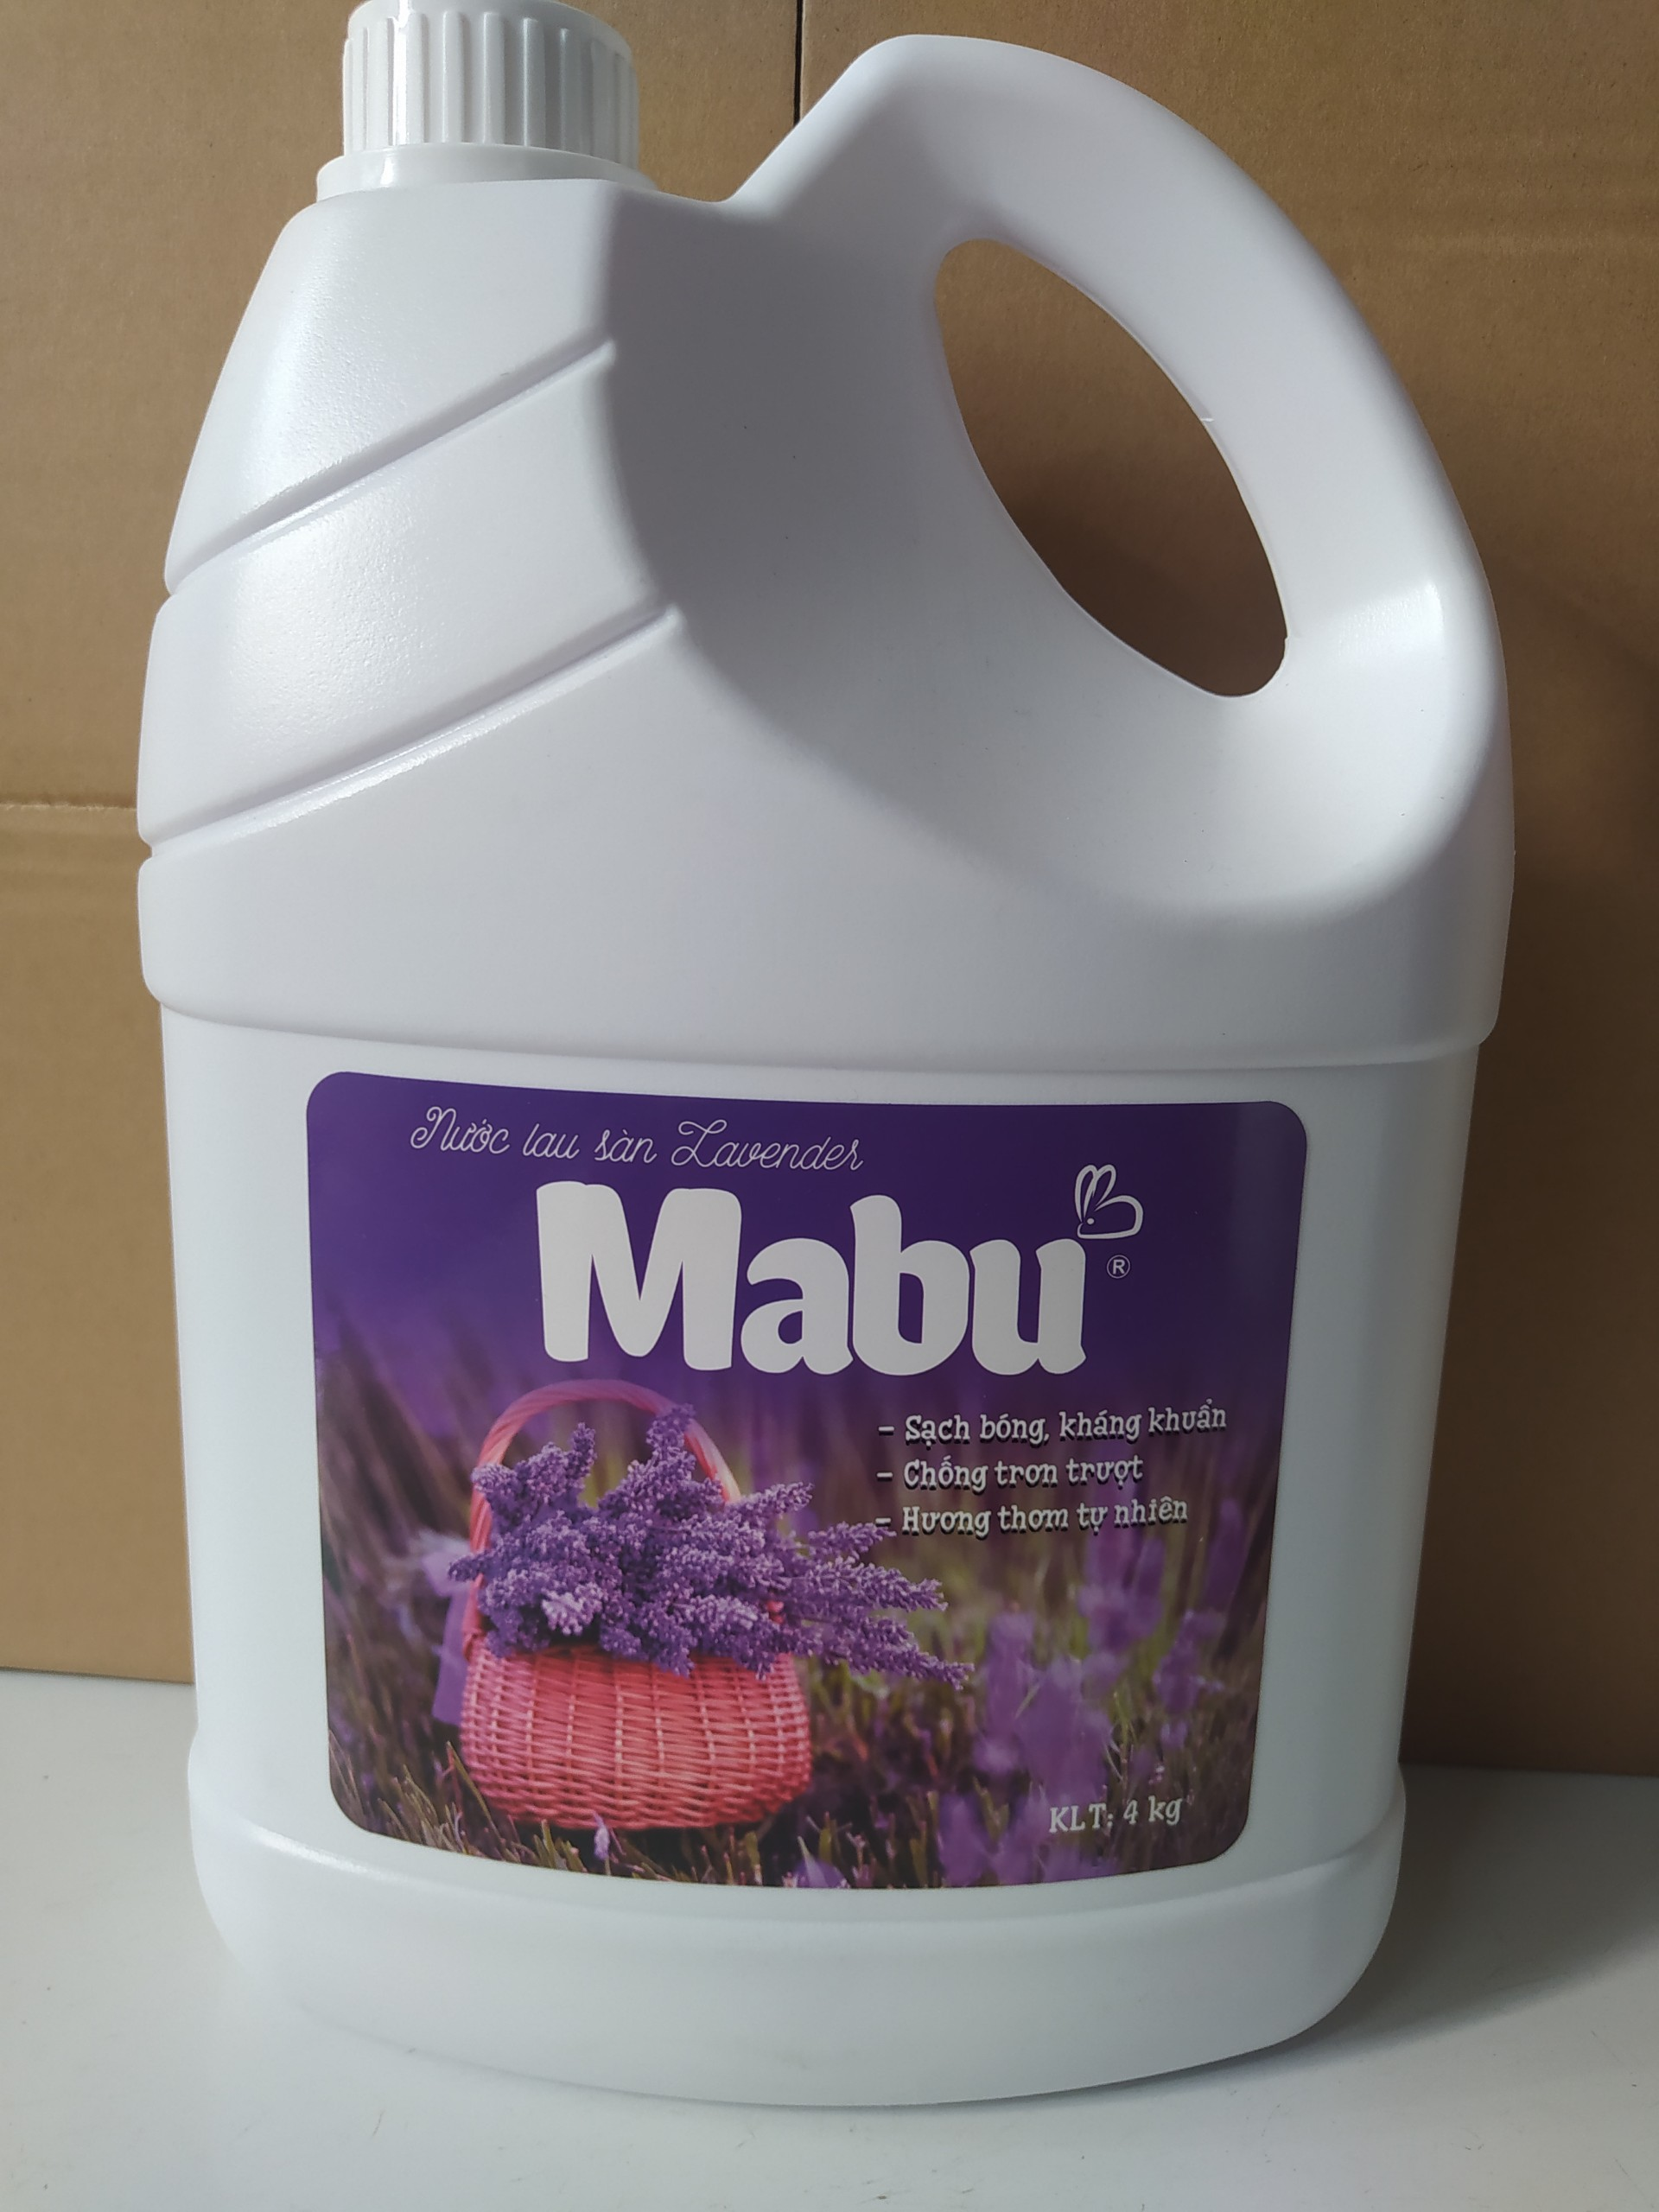 Không Nên Bỏ Lỡ Giá Sốc với Nước Lau Sàn Mabu 4kg Hương Lavender